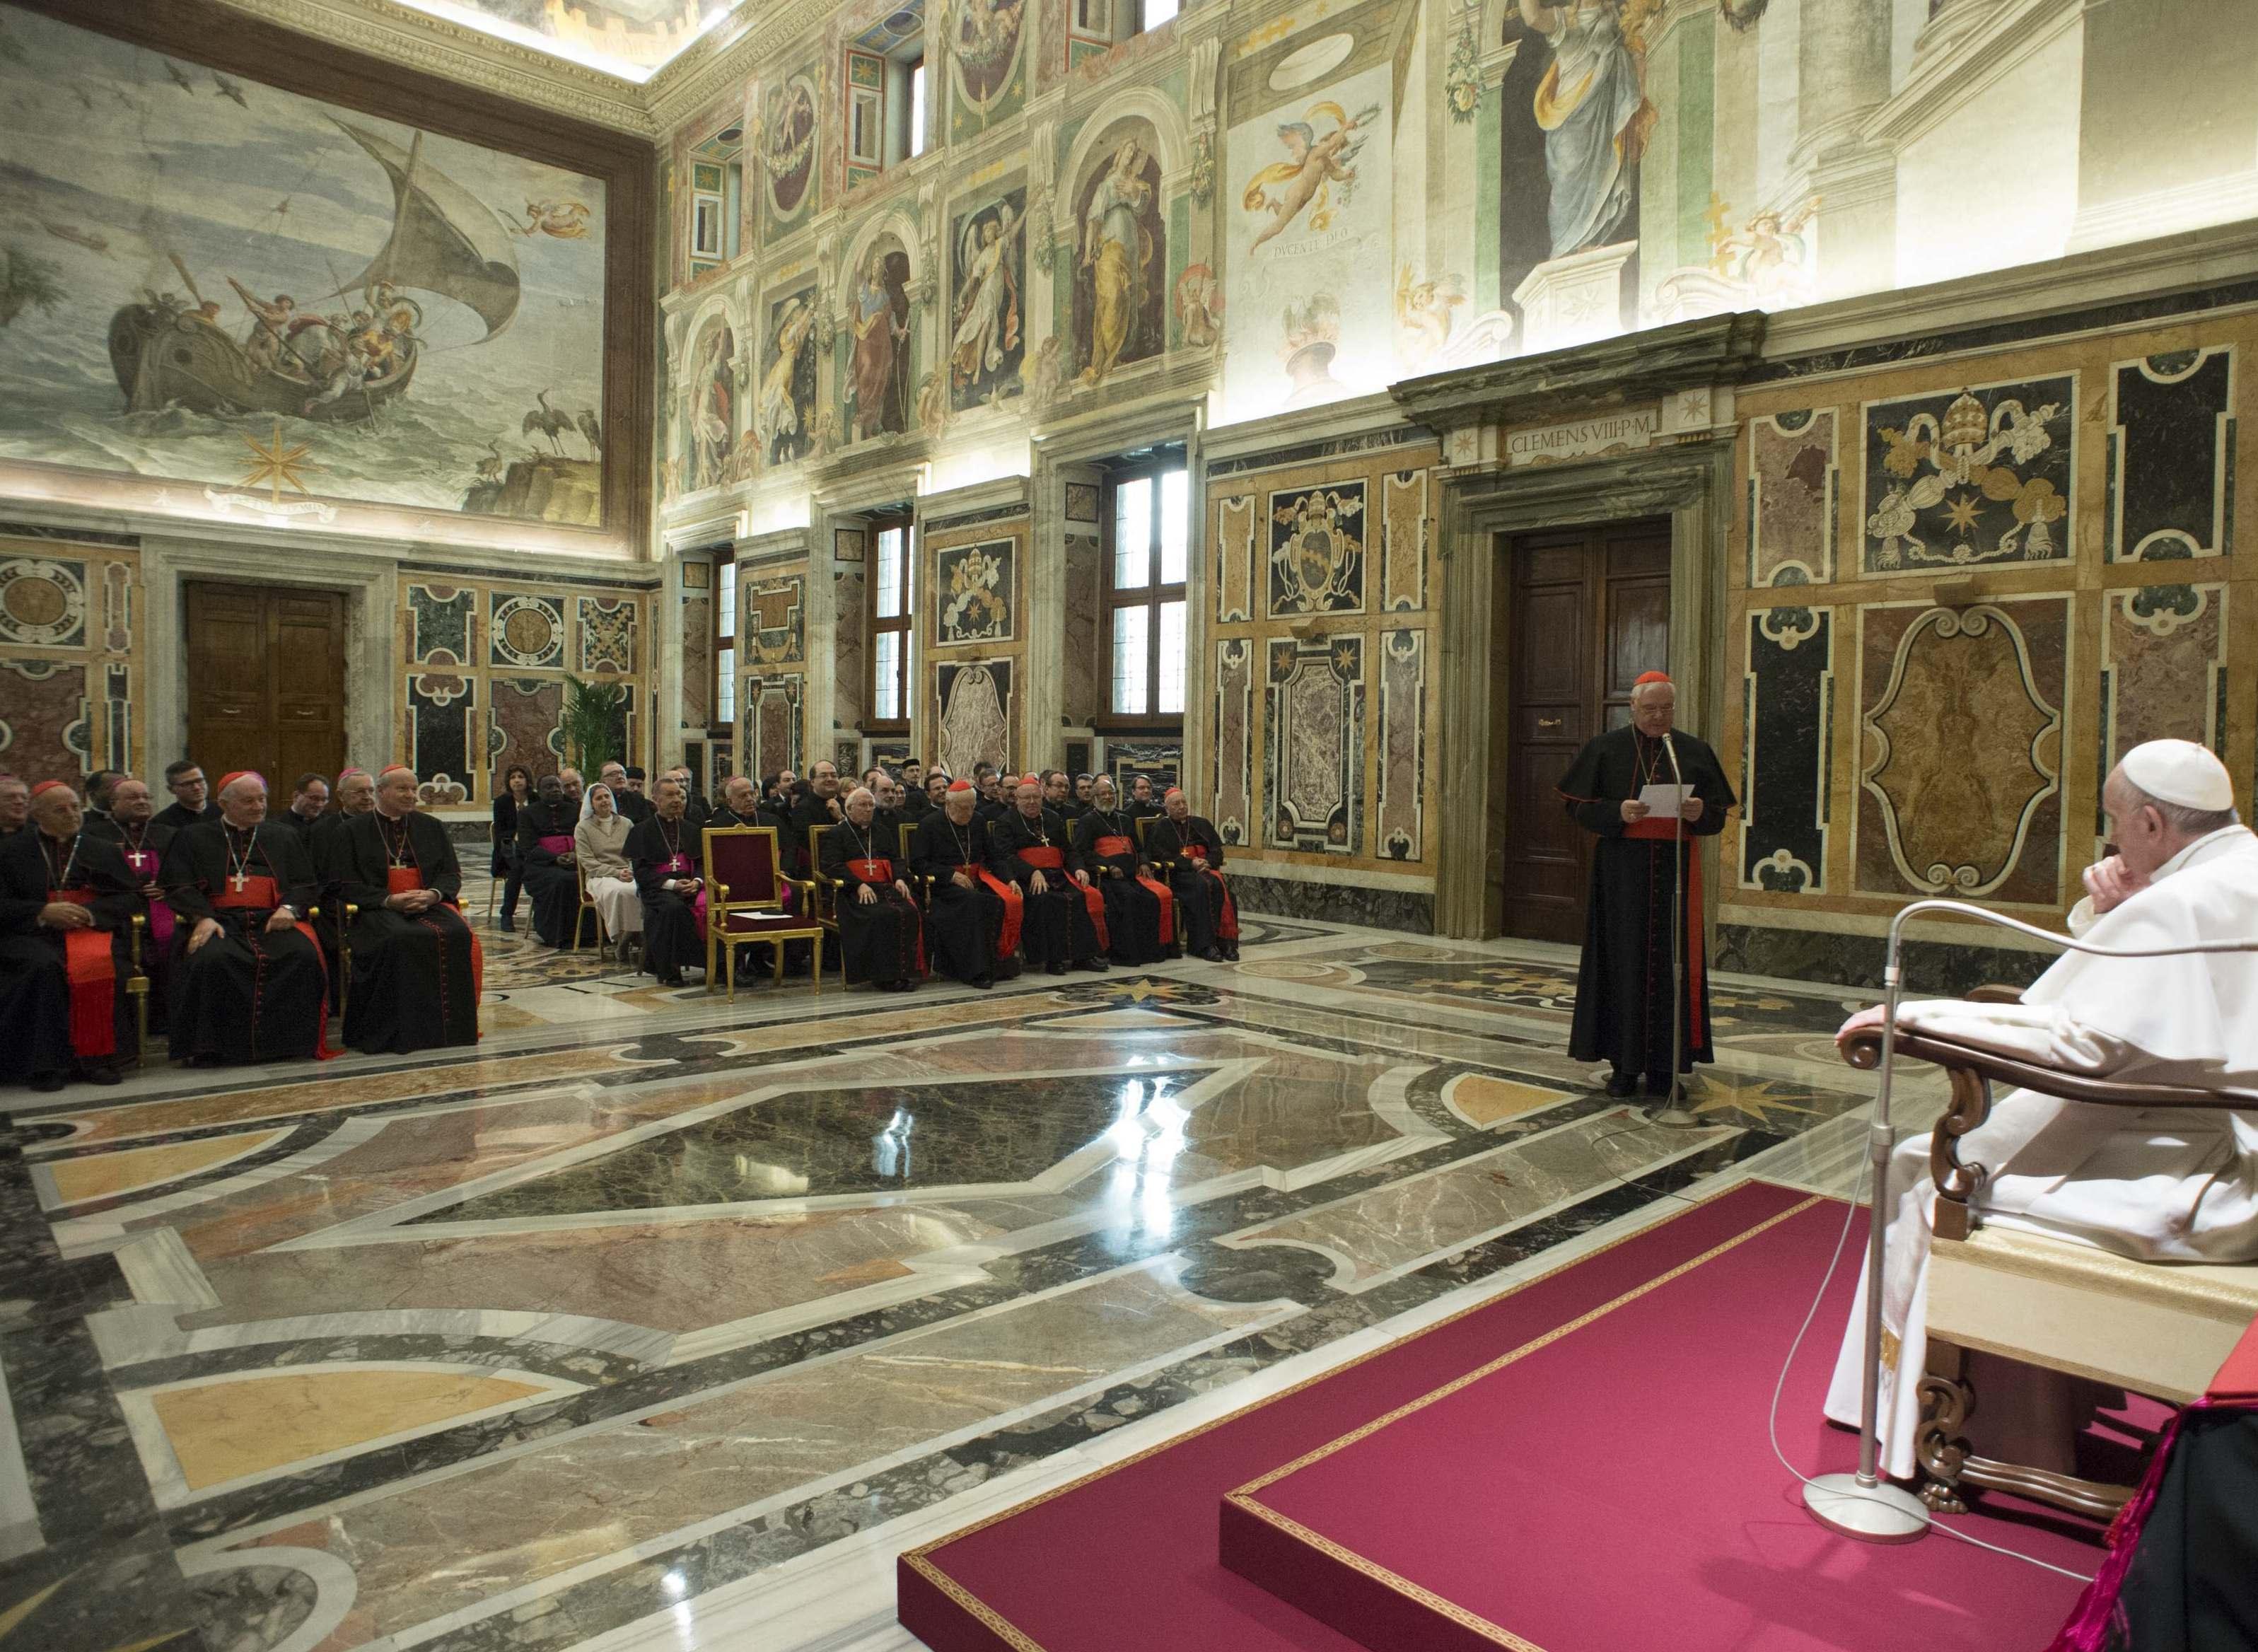 El Papa en la plenaria deEl Papa en la plenaria de la Congregación para la doctrina de la Fe. 29-01-2016 - L'Osservatore Romano la Congregación para la doctrina de la Fe